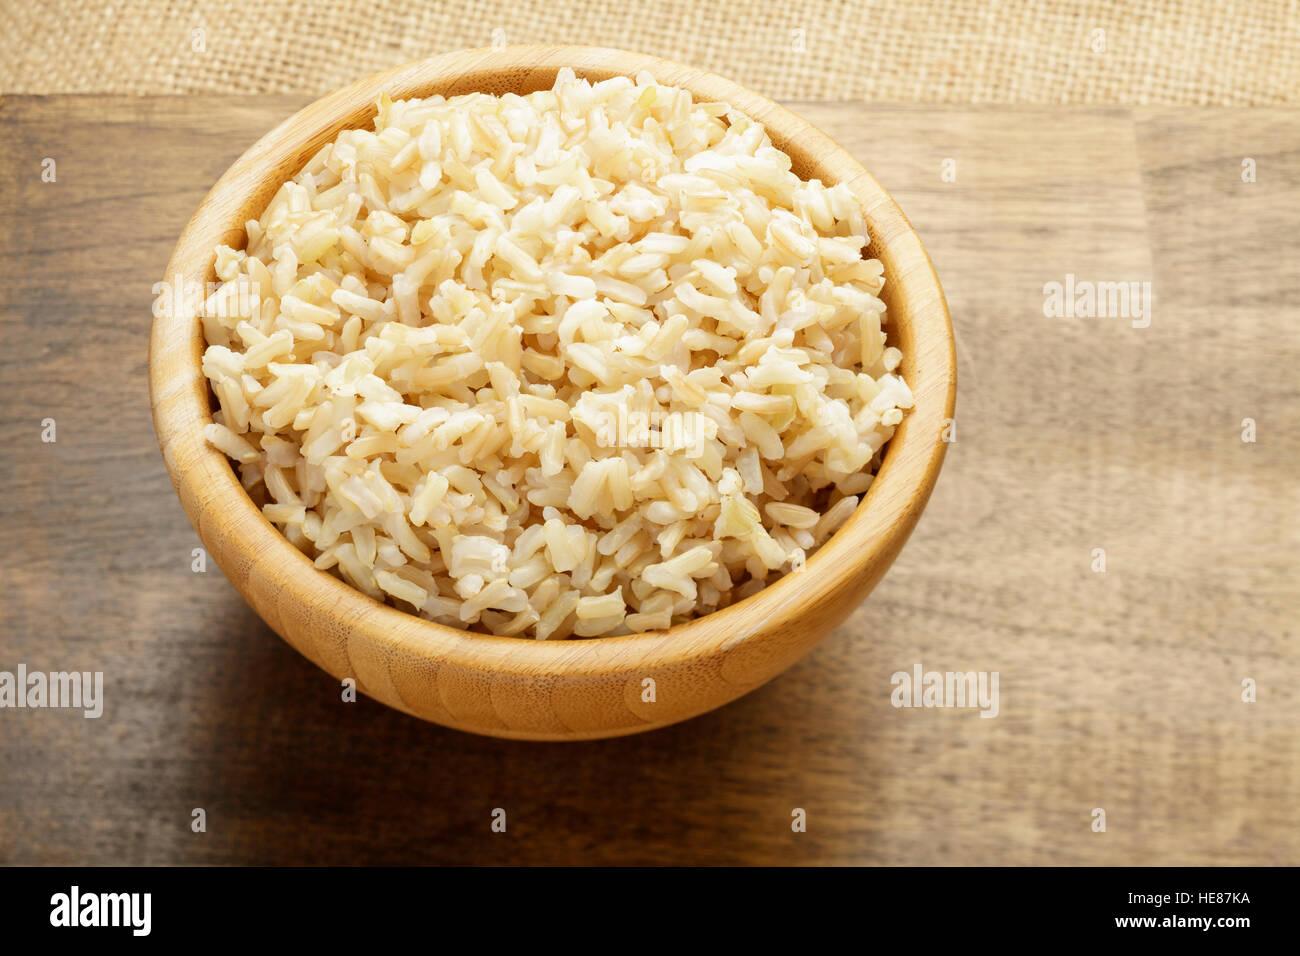 El arroz en el recipiente de madera, cocinados Imagen De Stock